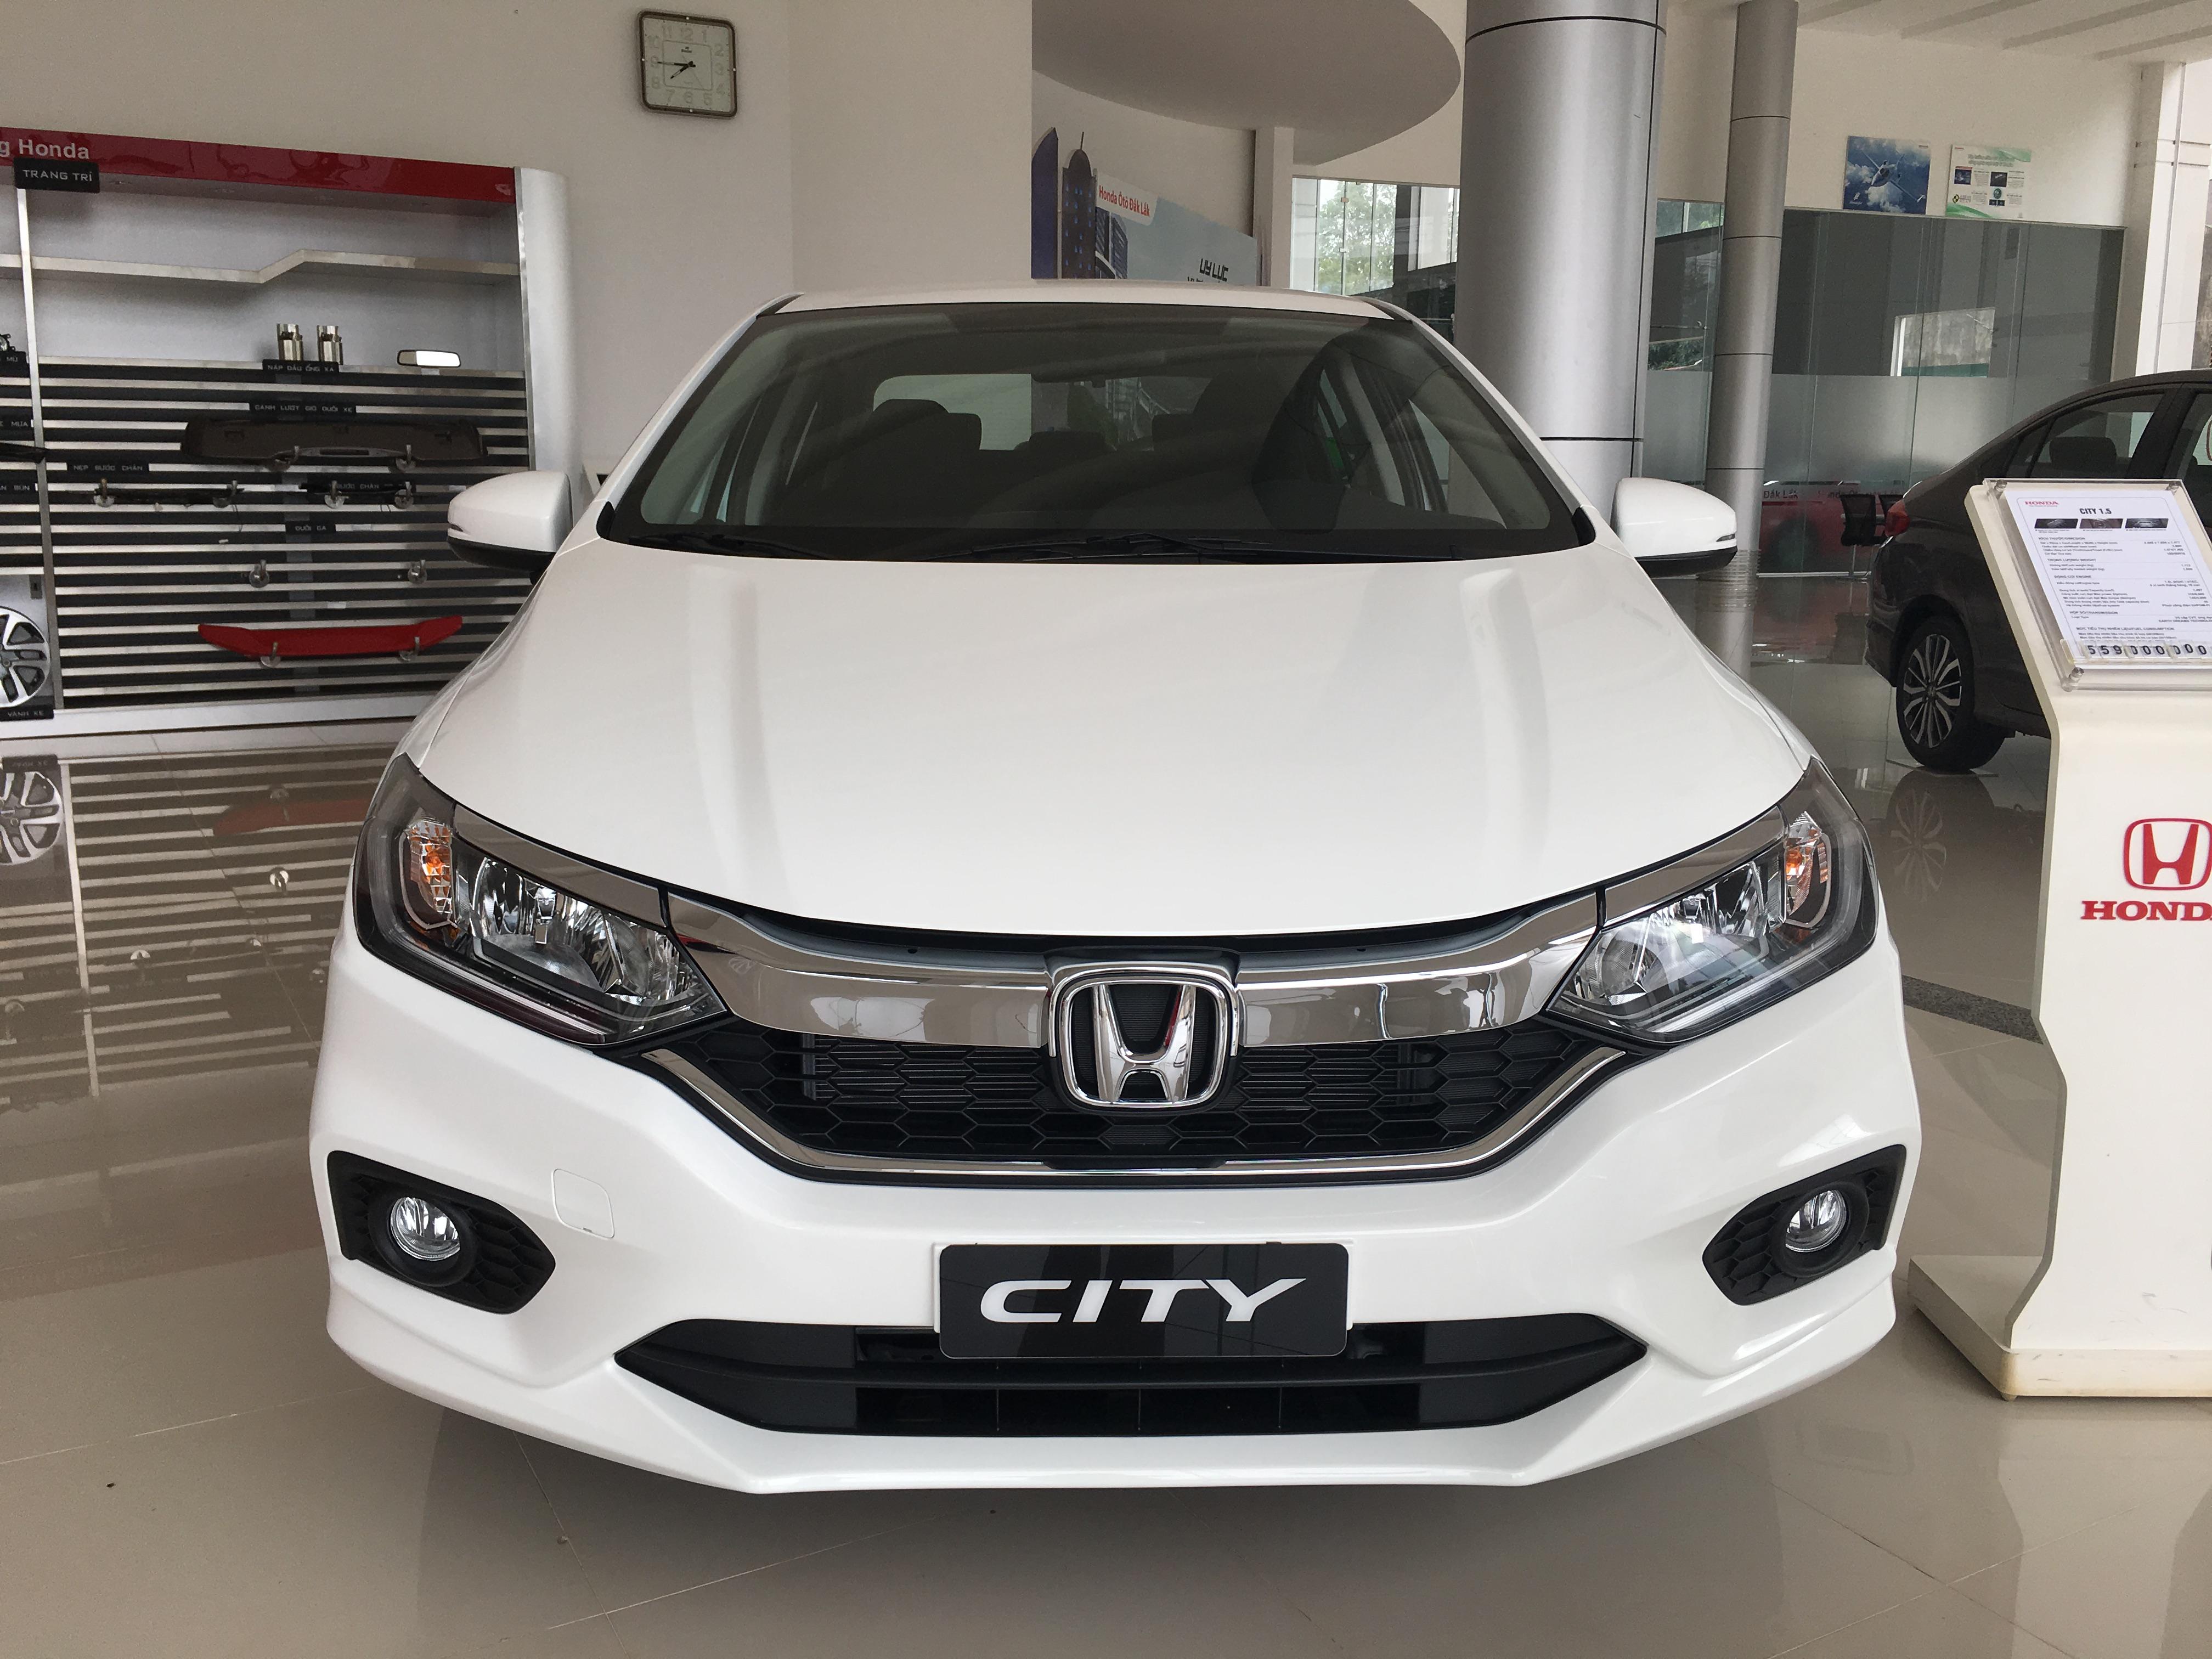 Bảng Giá Xe Honda Tháng 05/2019 - Mr.Châu Tuân 0947.09.2277 Tr   ng1